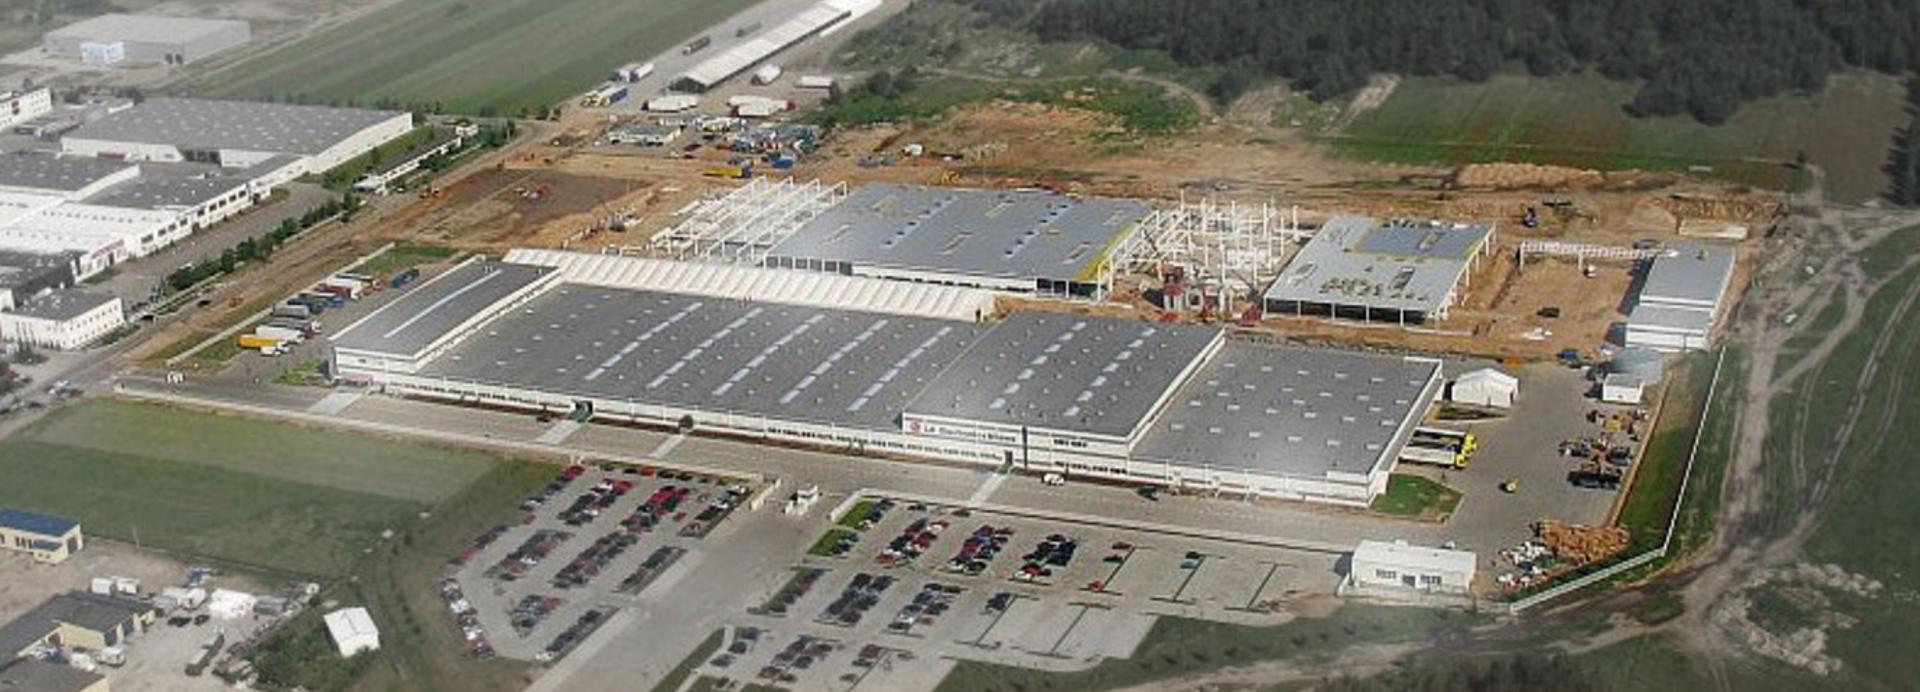 Dolny Śląsk: LG Chem Energy planuje kolejną wielką fabrykę baterii do e-aut